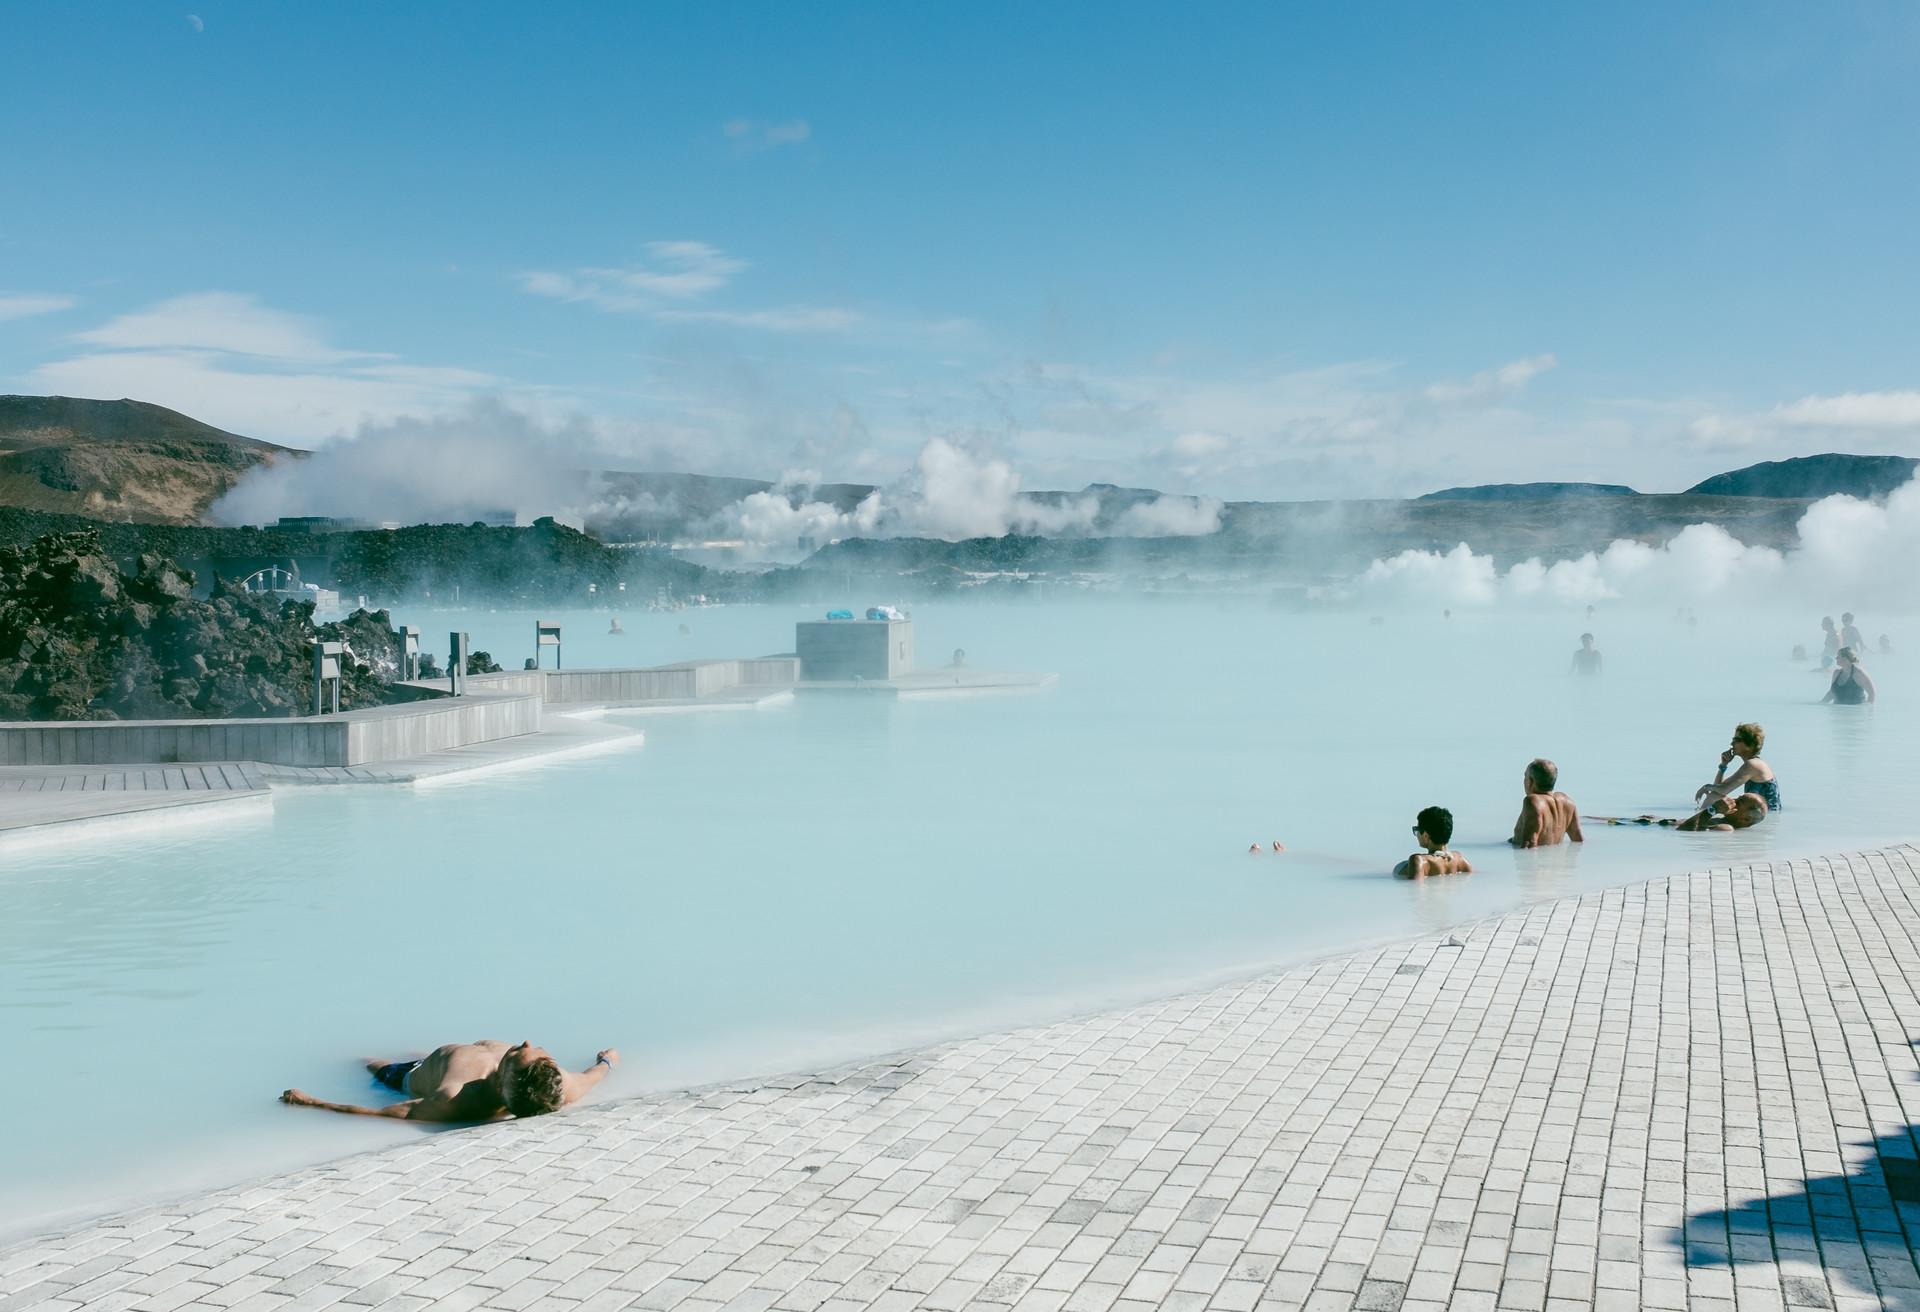 En Reikiavik, la capital de Islandia, puedes hacer escala unas horas o unos días y disfrutar de la naturaleza y vivir nuevas aventuras